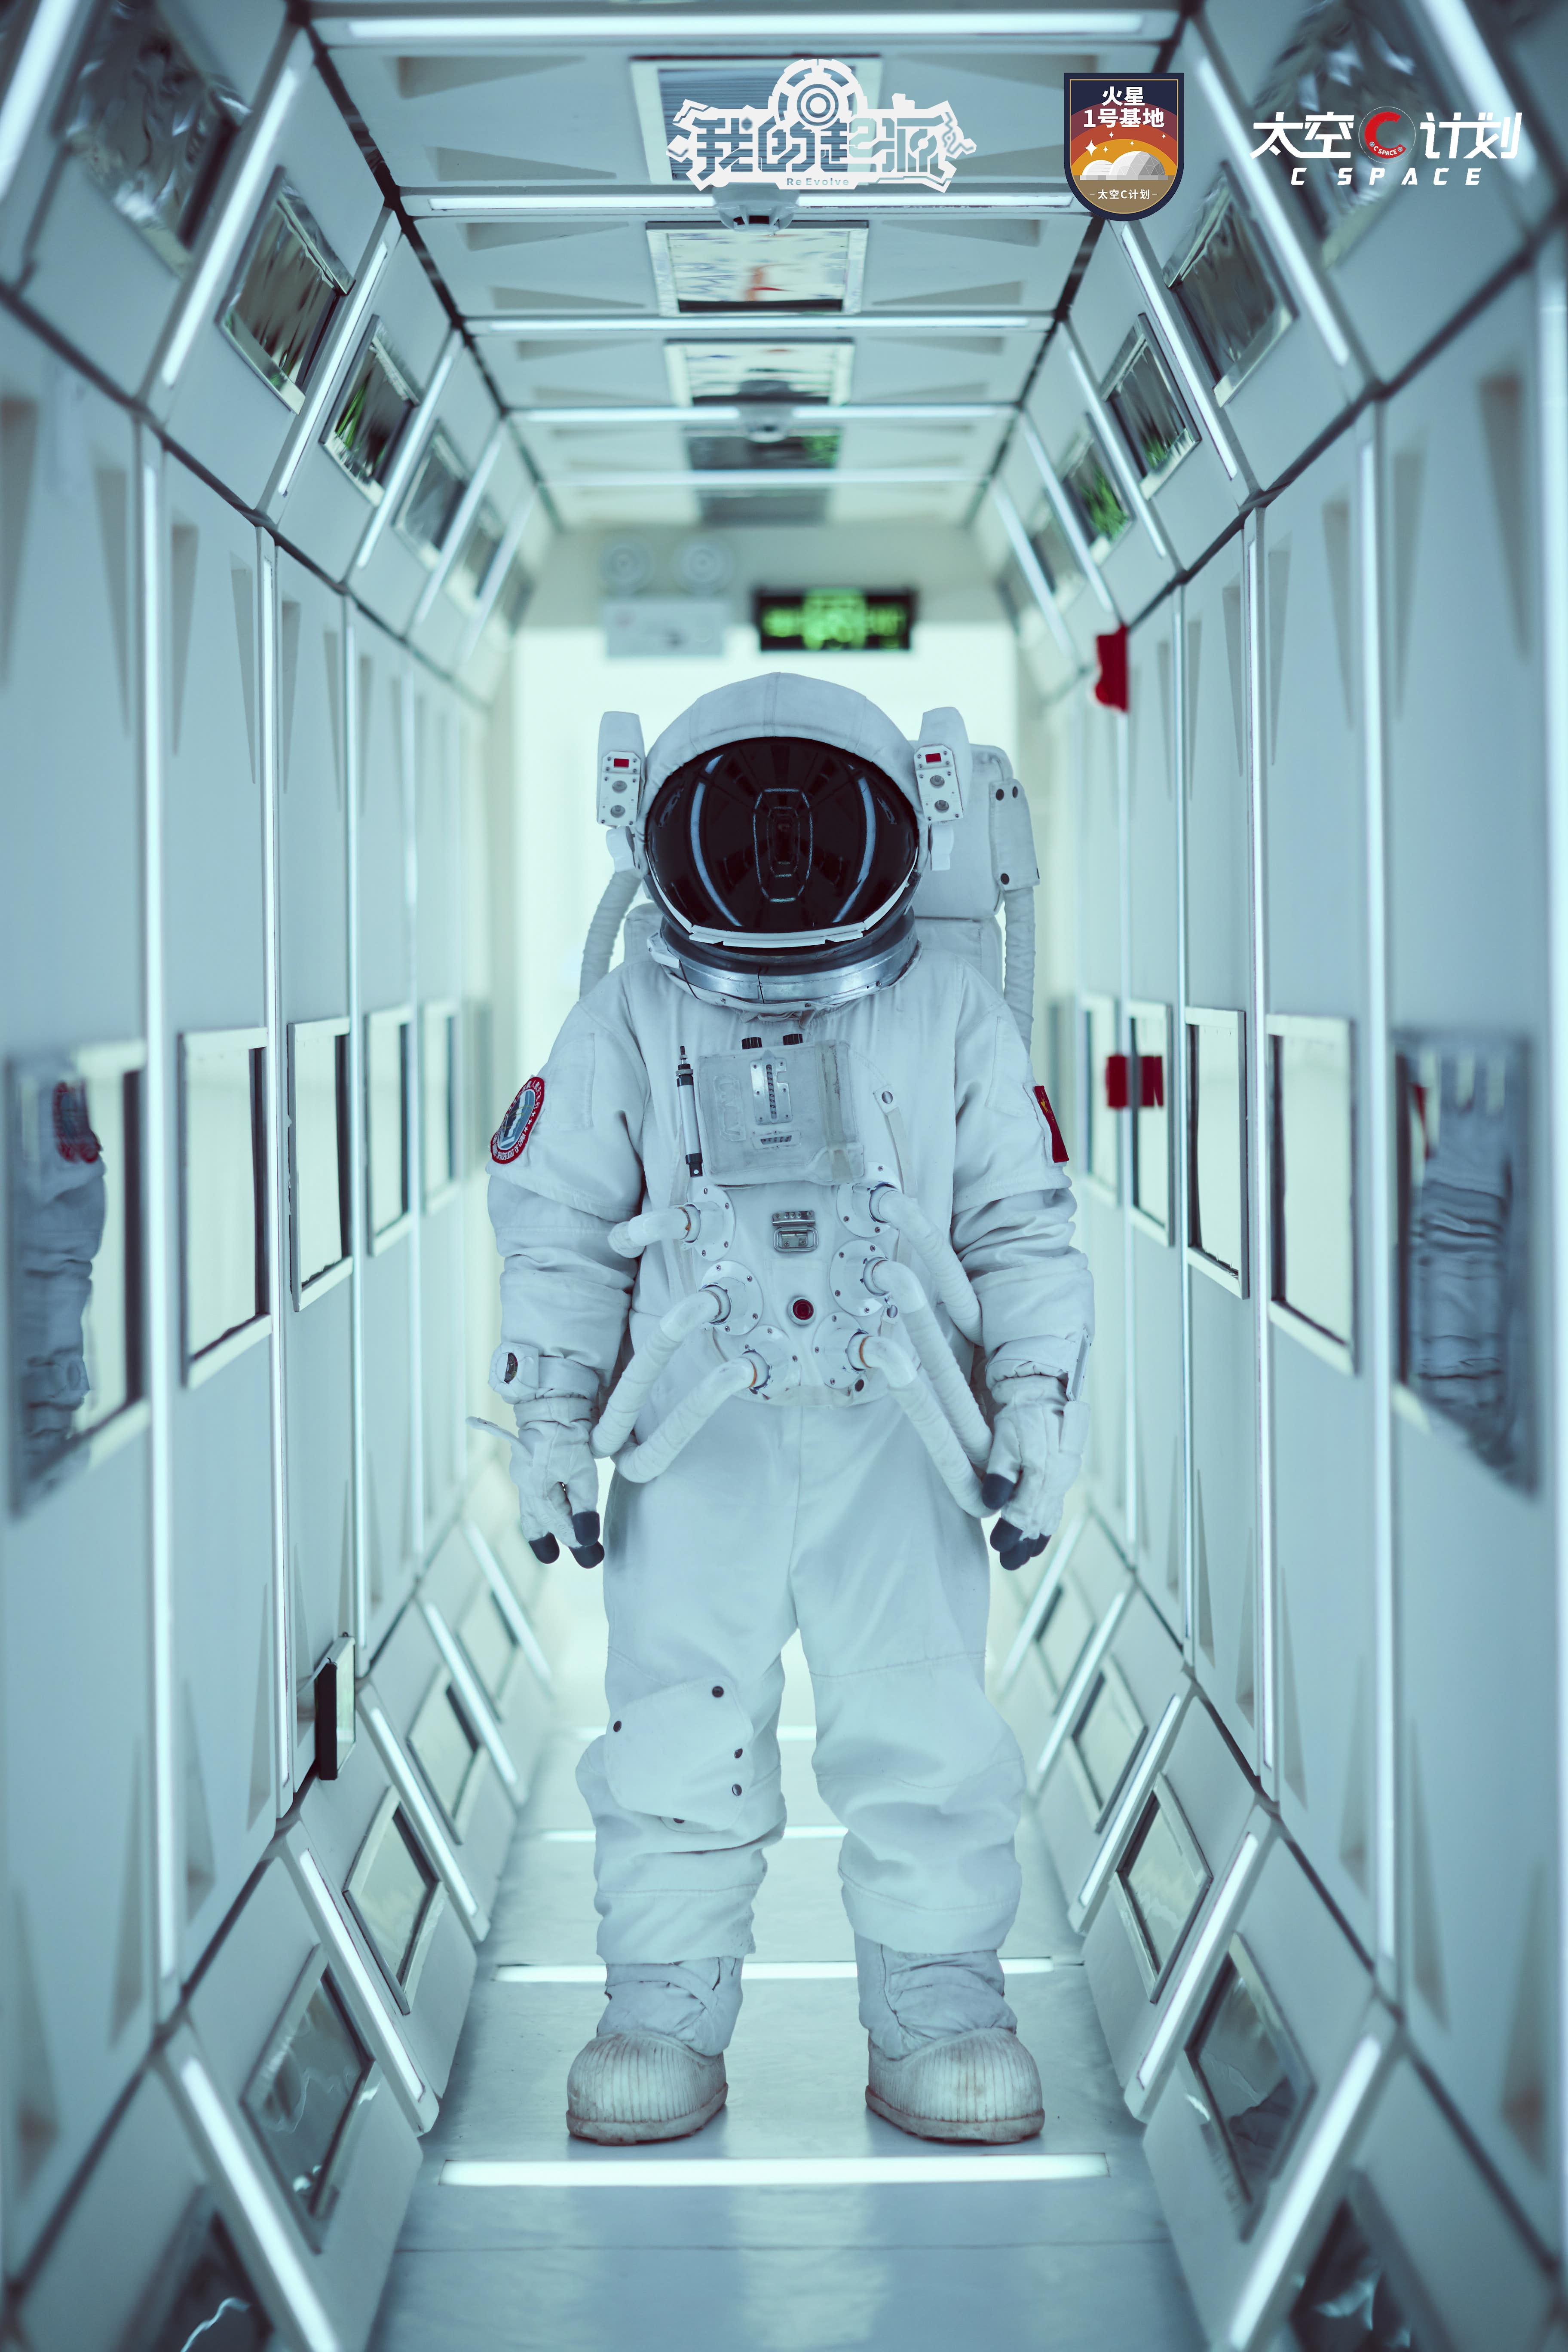 【登陆火星 寻找起源】我的起源X火星1号基地 线下活动今日启动!